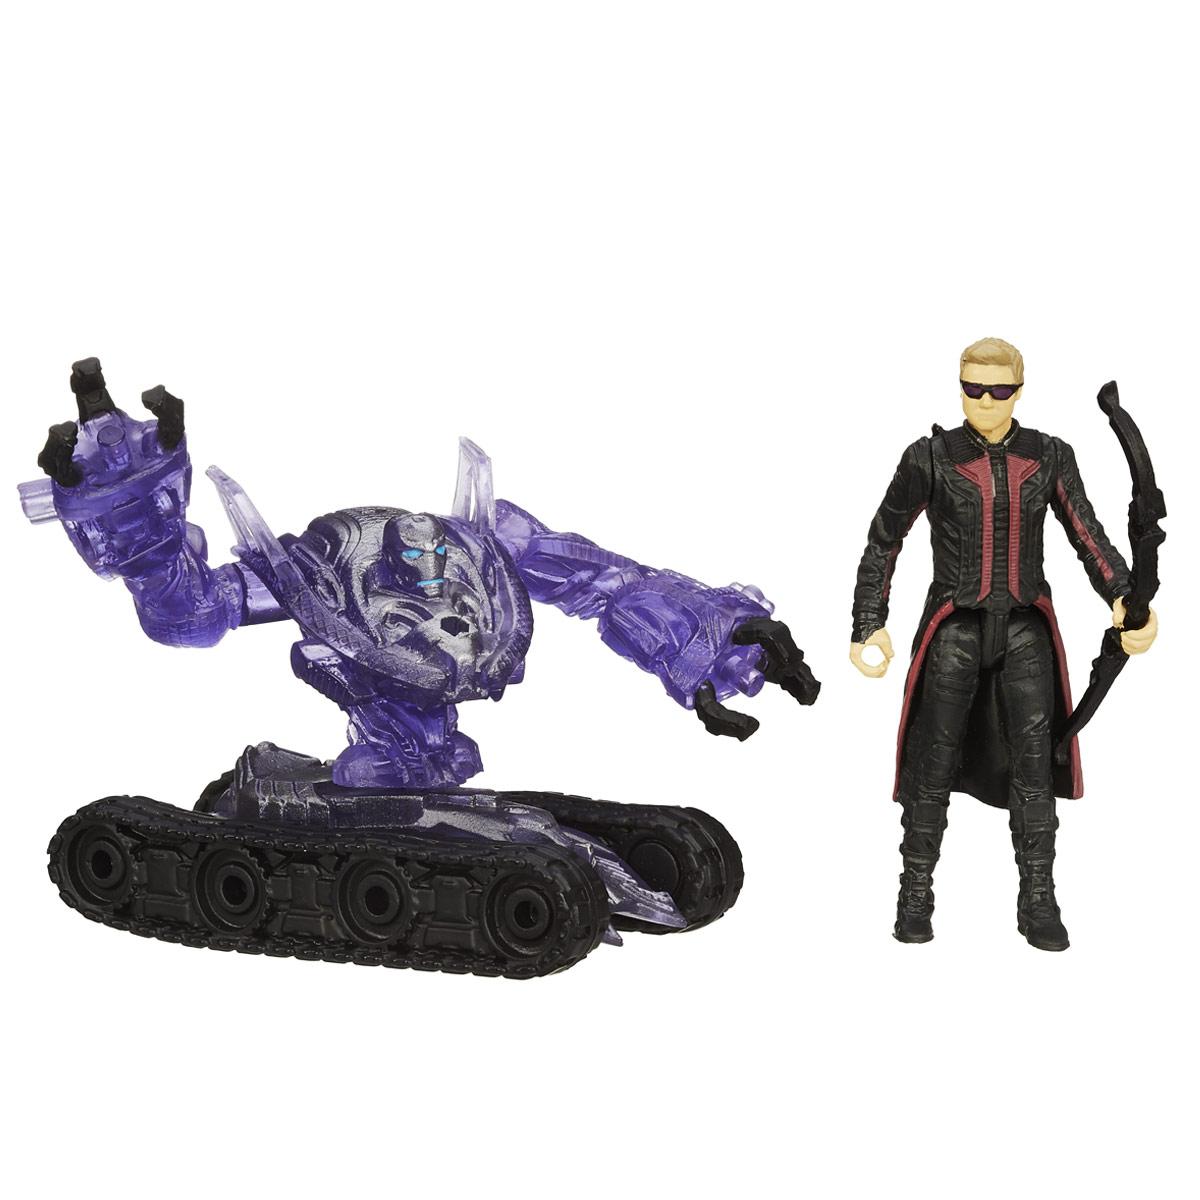 Мини-фигурка Avengers Marvels Hawkeye, с аксессуарамиB5768EU4_B1485Мини-фигурка Avengers Marvels Hawkeye непременно привлечет внимание вашего ребенка и не позволит ему скучать. Фигурка выполнена в виде супергероя Соколиного Глаза из команды Мстителей. В комплект также входят элементы для сборки фигурки Sub-Ultron 004. Фигурка выполнена из прочного безопасного пластика. Она в точности повторяет внешний вид героя фильма. Голова, руки и ноги фигурки подвижны, что позволяет придавать ей различные позы и открывает малышу неограниченный простор для игр. Соберите все мини-фигурки героев Marvel от Hasbro, и соедините фигурки Sub-Ultron в большого боевого робота! Небольшие размеры фигурки позволят ребенку брать ее с собой на прогулку и в гости, так что малышу не придется расставаться со своей игрушкой. Он проведет множество счастливых мгновений, играя с ней и придумывая различные истории.